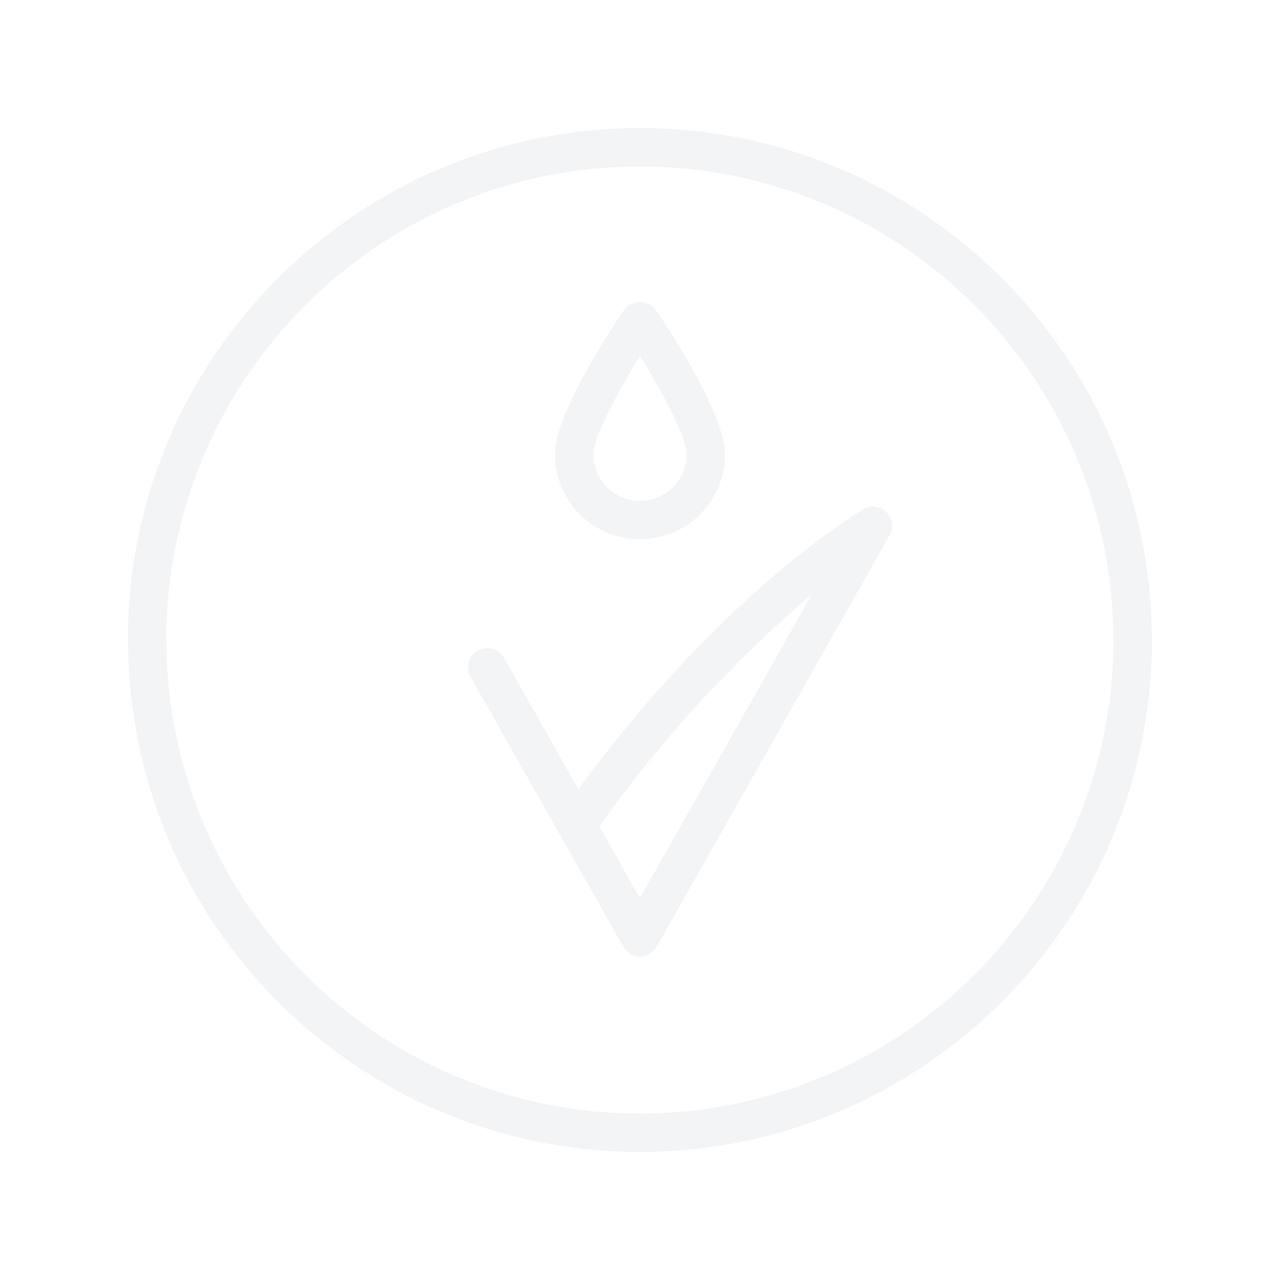 PACO RABANNE Olympea 50ml Eau De Parfum komplekt